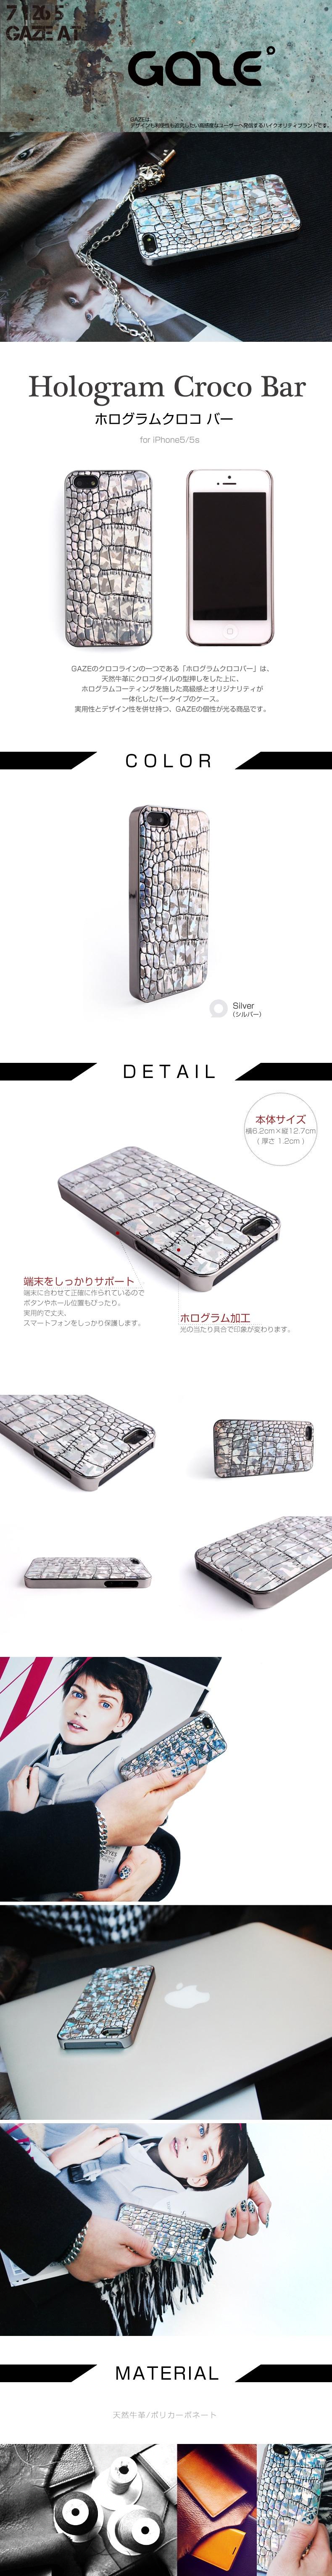 商品詳細iPhone5/5sHologram Croco Bar (ホログラムクロコバー)